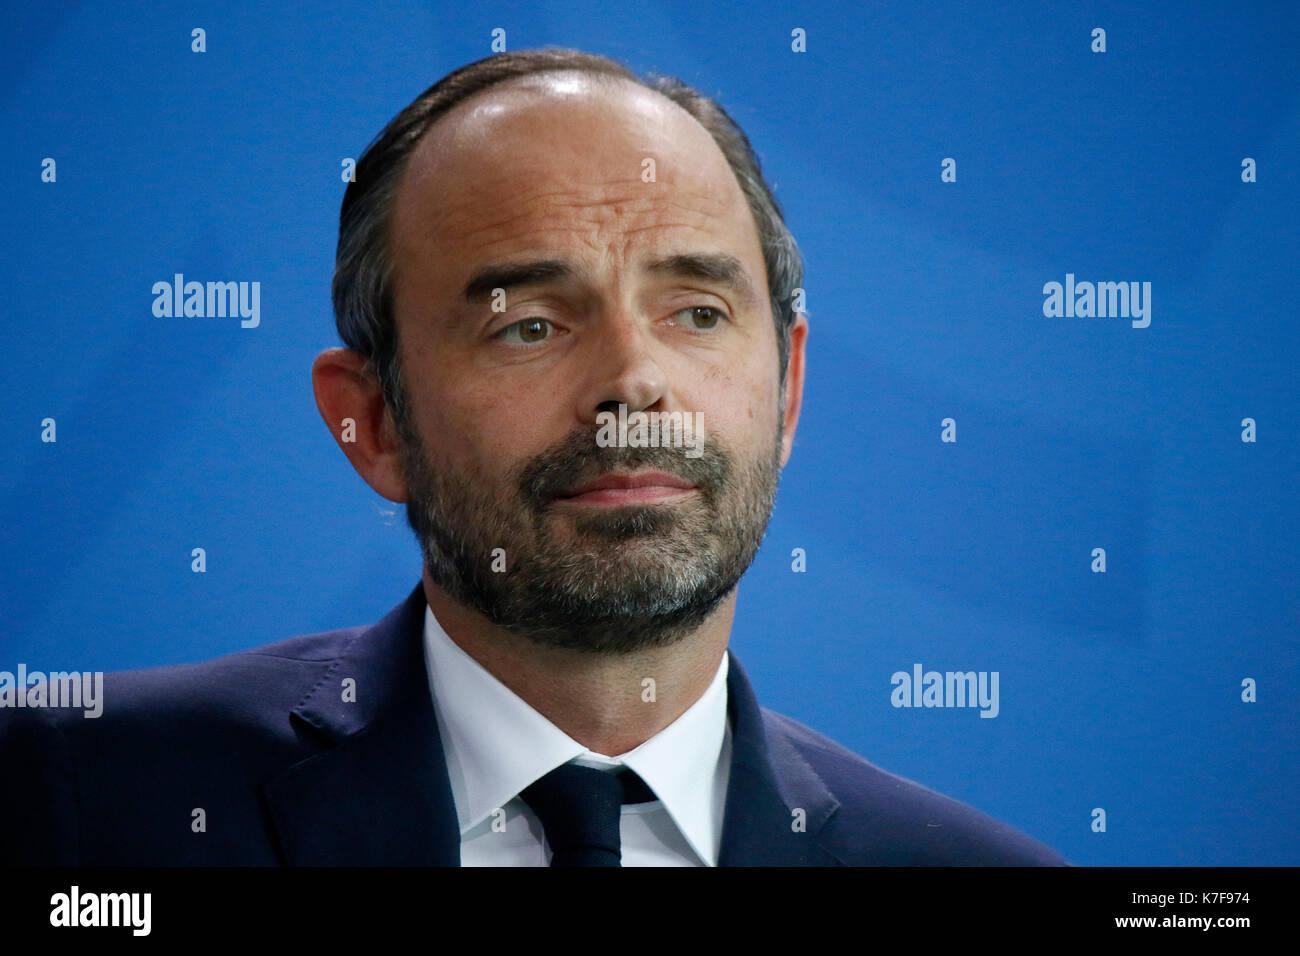 Edouard Philippe - Treffen der dt. Bundeskanzlerin mit dem franzoesischen Premierminister, Bundeskanzleramt, 15. September 2017, Berlin. - Stock Image